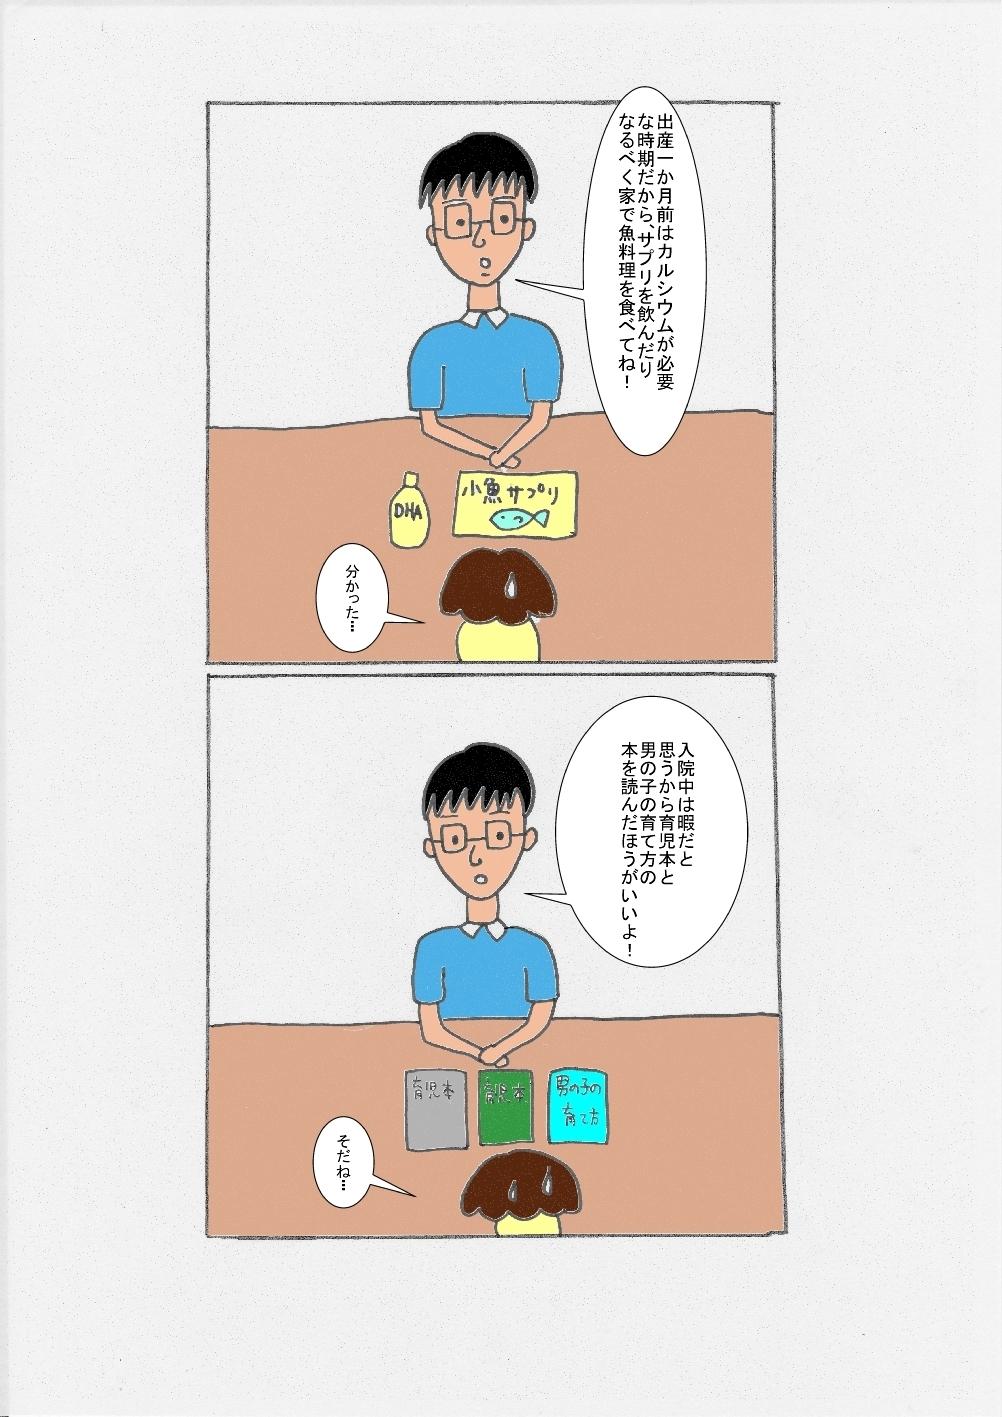 里帰り出産の準備2.jpg